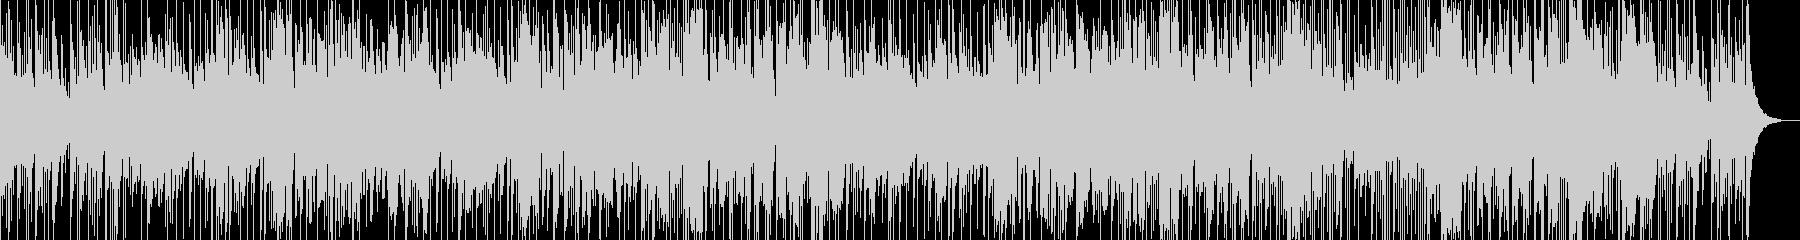 鉄琴主体のポップスの未再生の波形